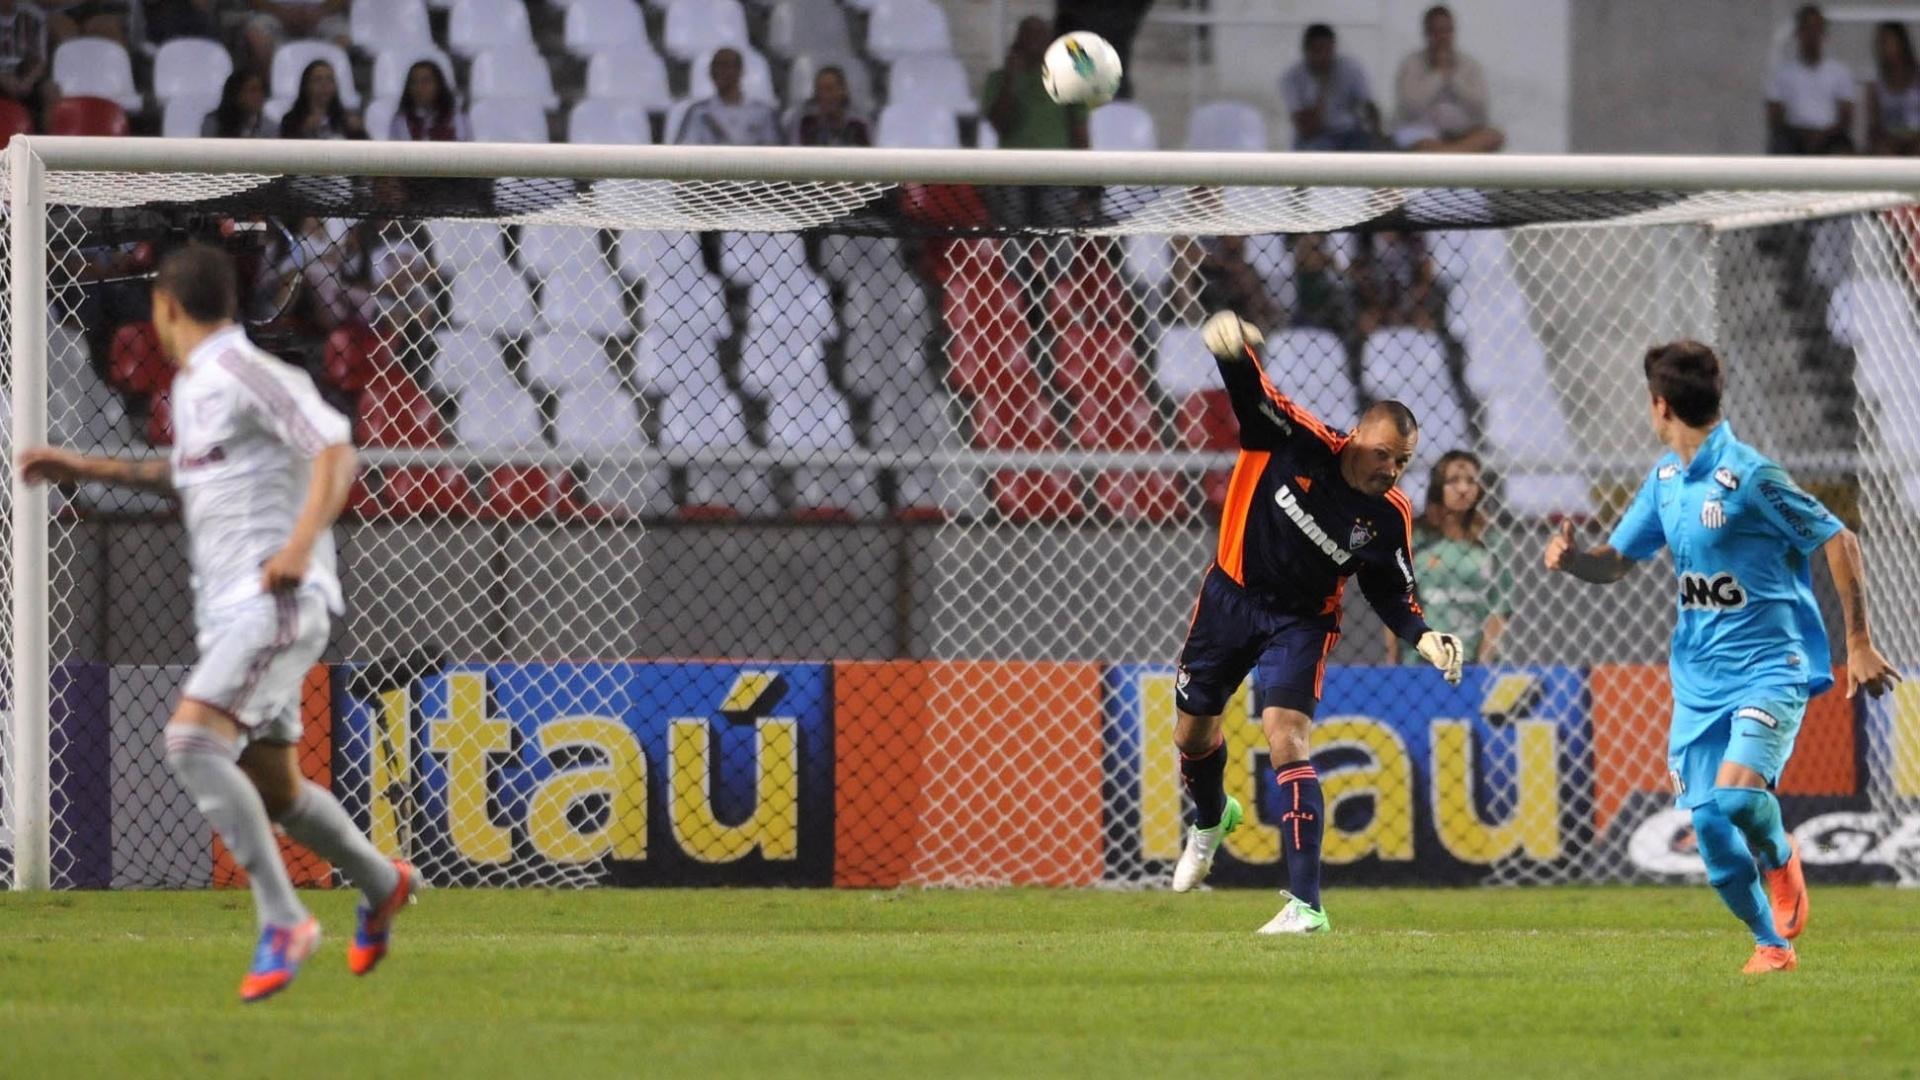 Diego Cavalieri repõe a bola em jogo durante a vitória do Fluminense por 3 a 1 sobre o Santos